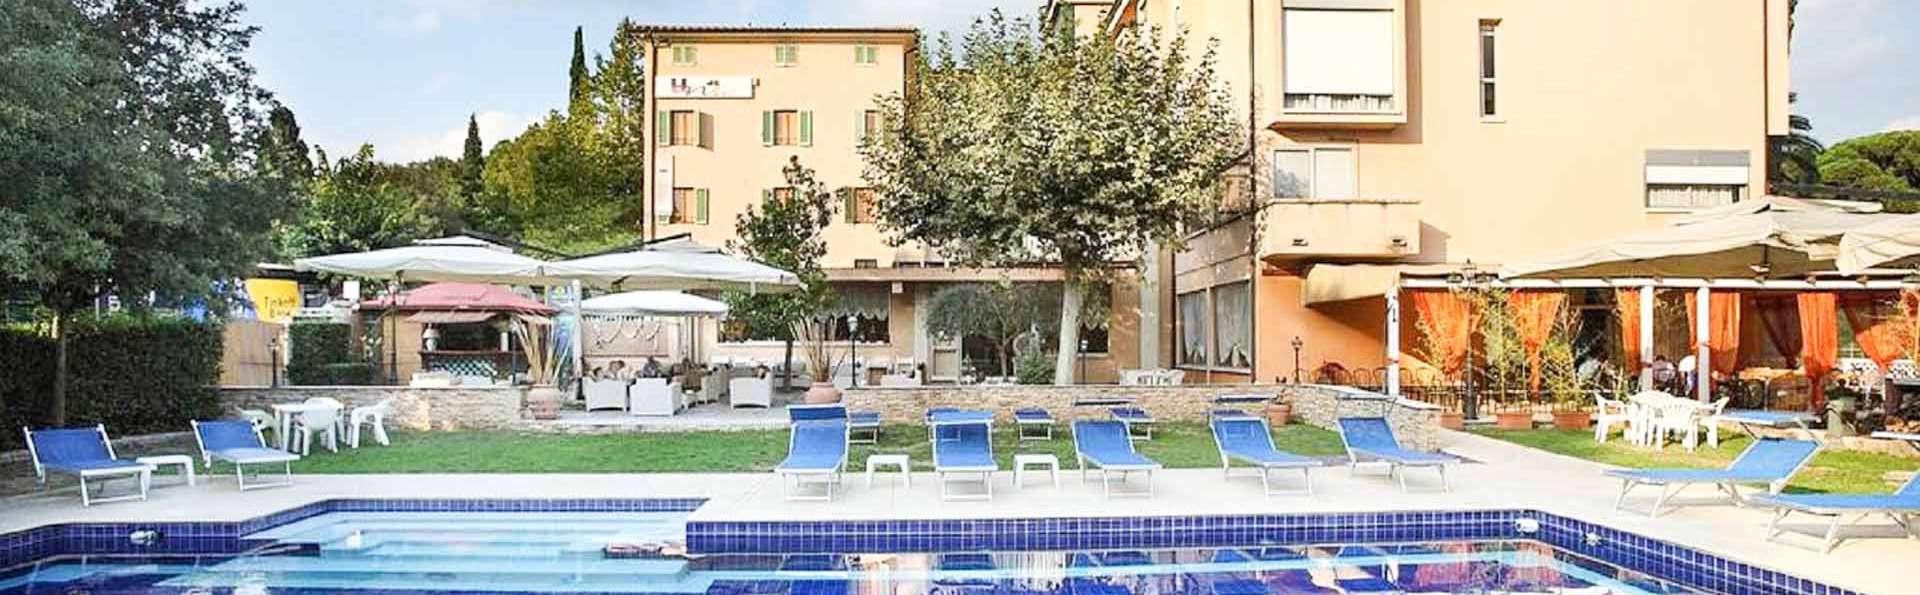 Week-end détente à Montecatini Terme, dans un élégant hôtel